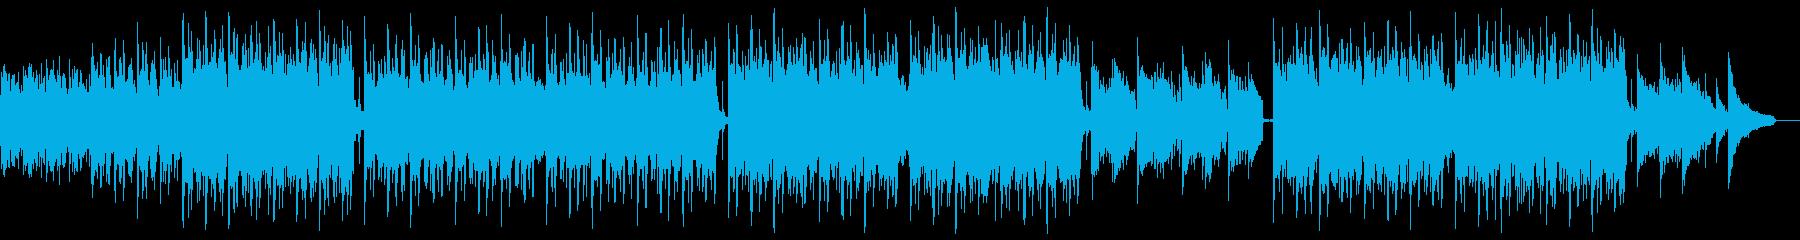 明るいピアノバイオリンポップ:メロディ抜の再生済みの波形